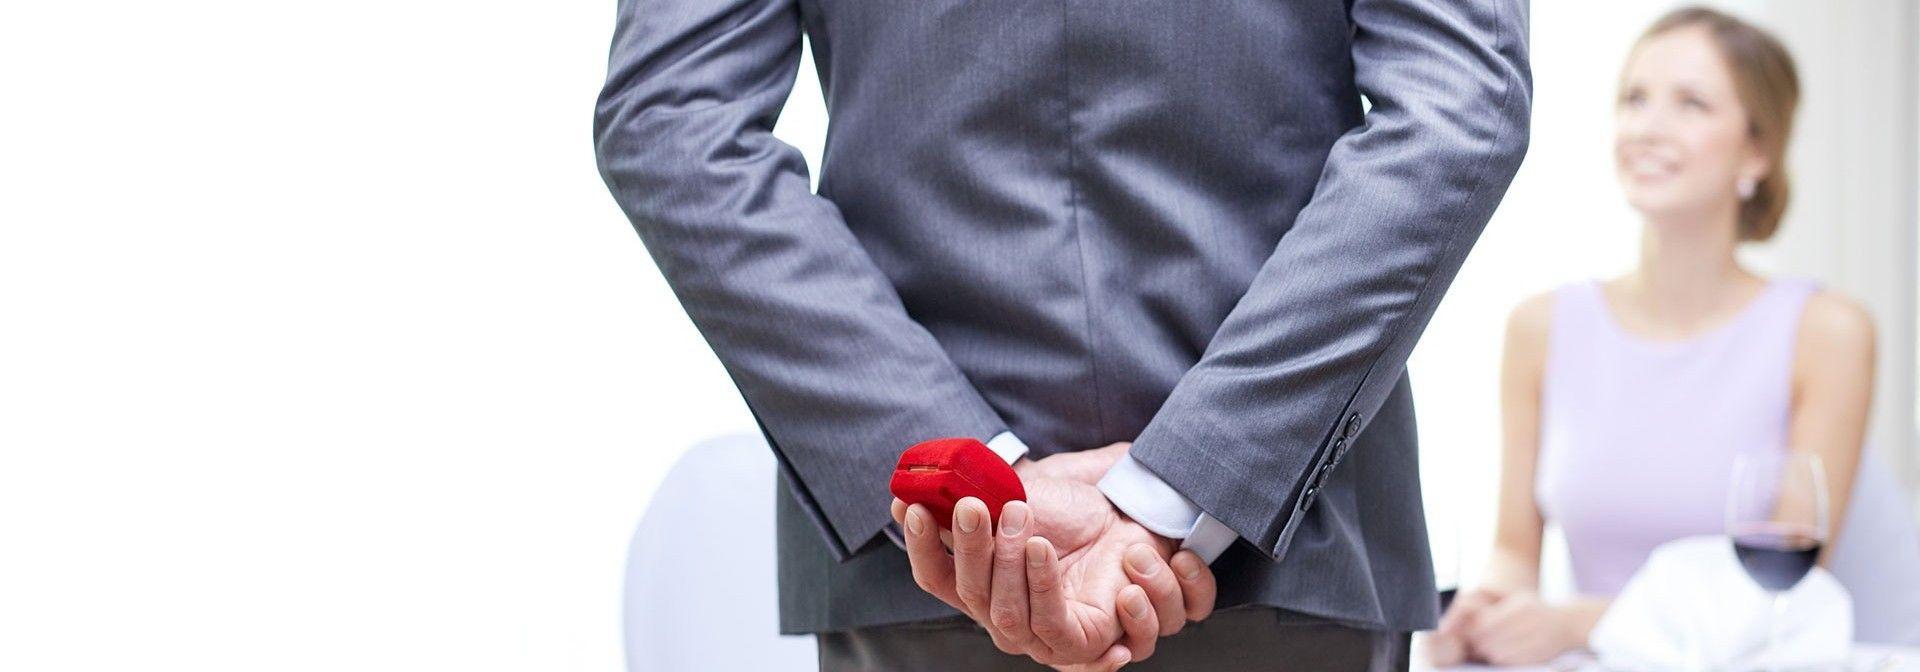 Eheringe | Verlobungsringe In Salzburg Kaufen